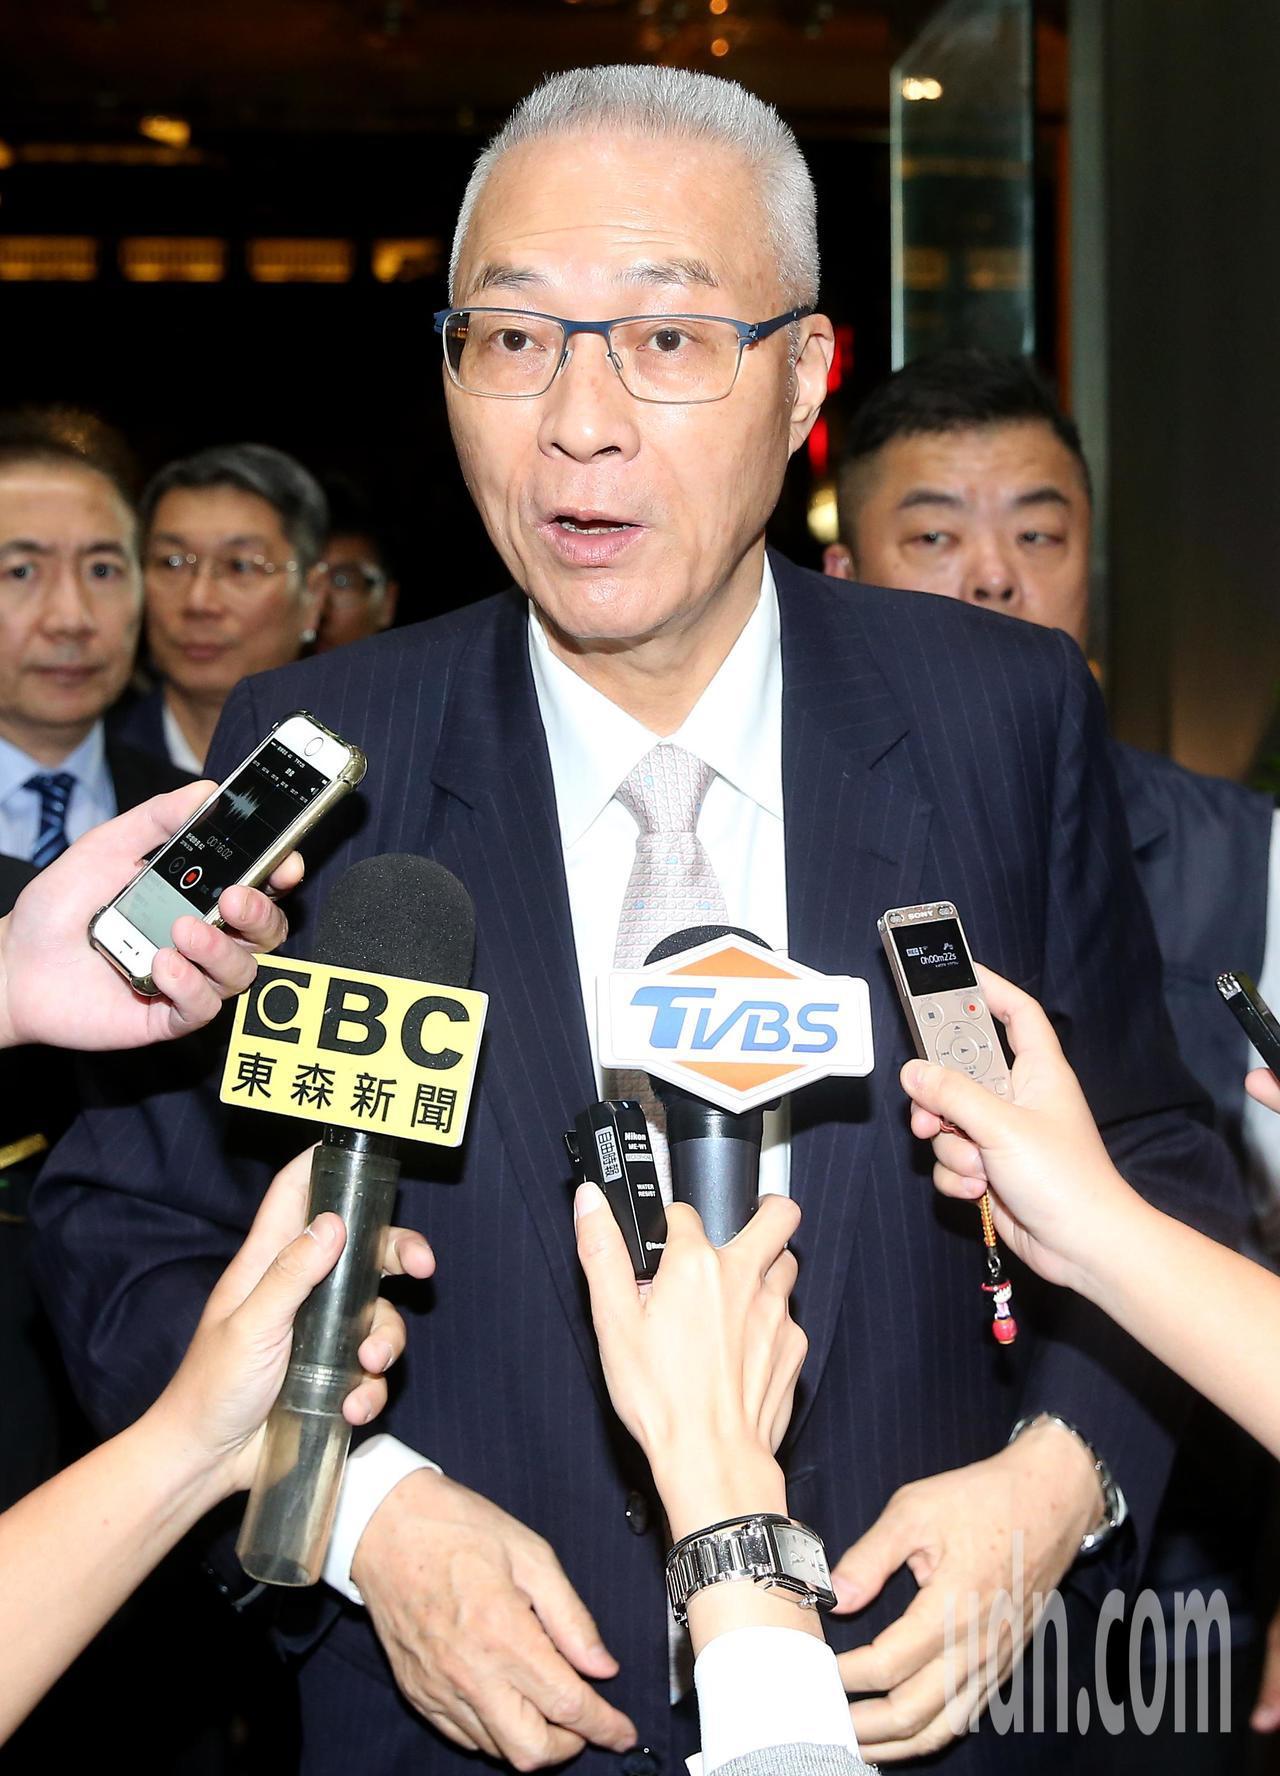 國民黨主席吳敦義出席第19屆金峰獎頒獎晚會。記者余承翰/攝影